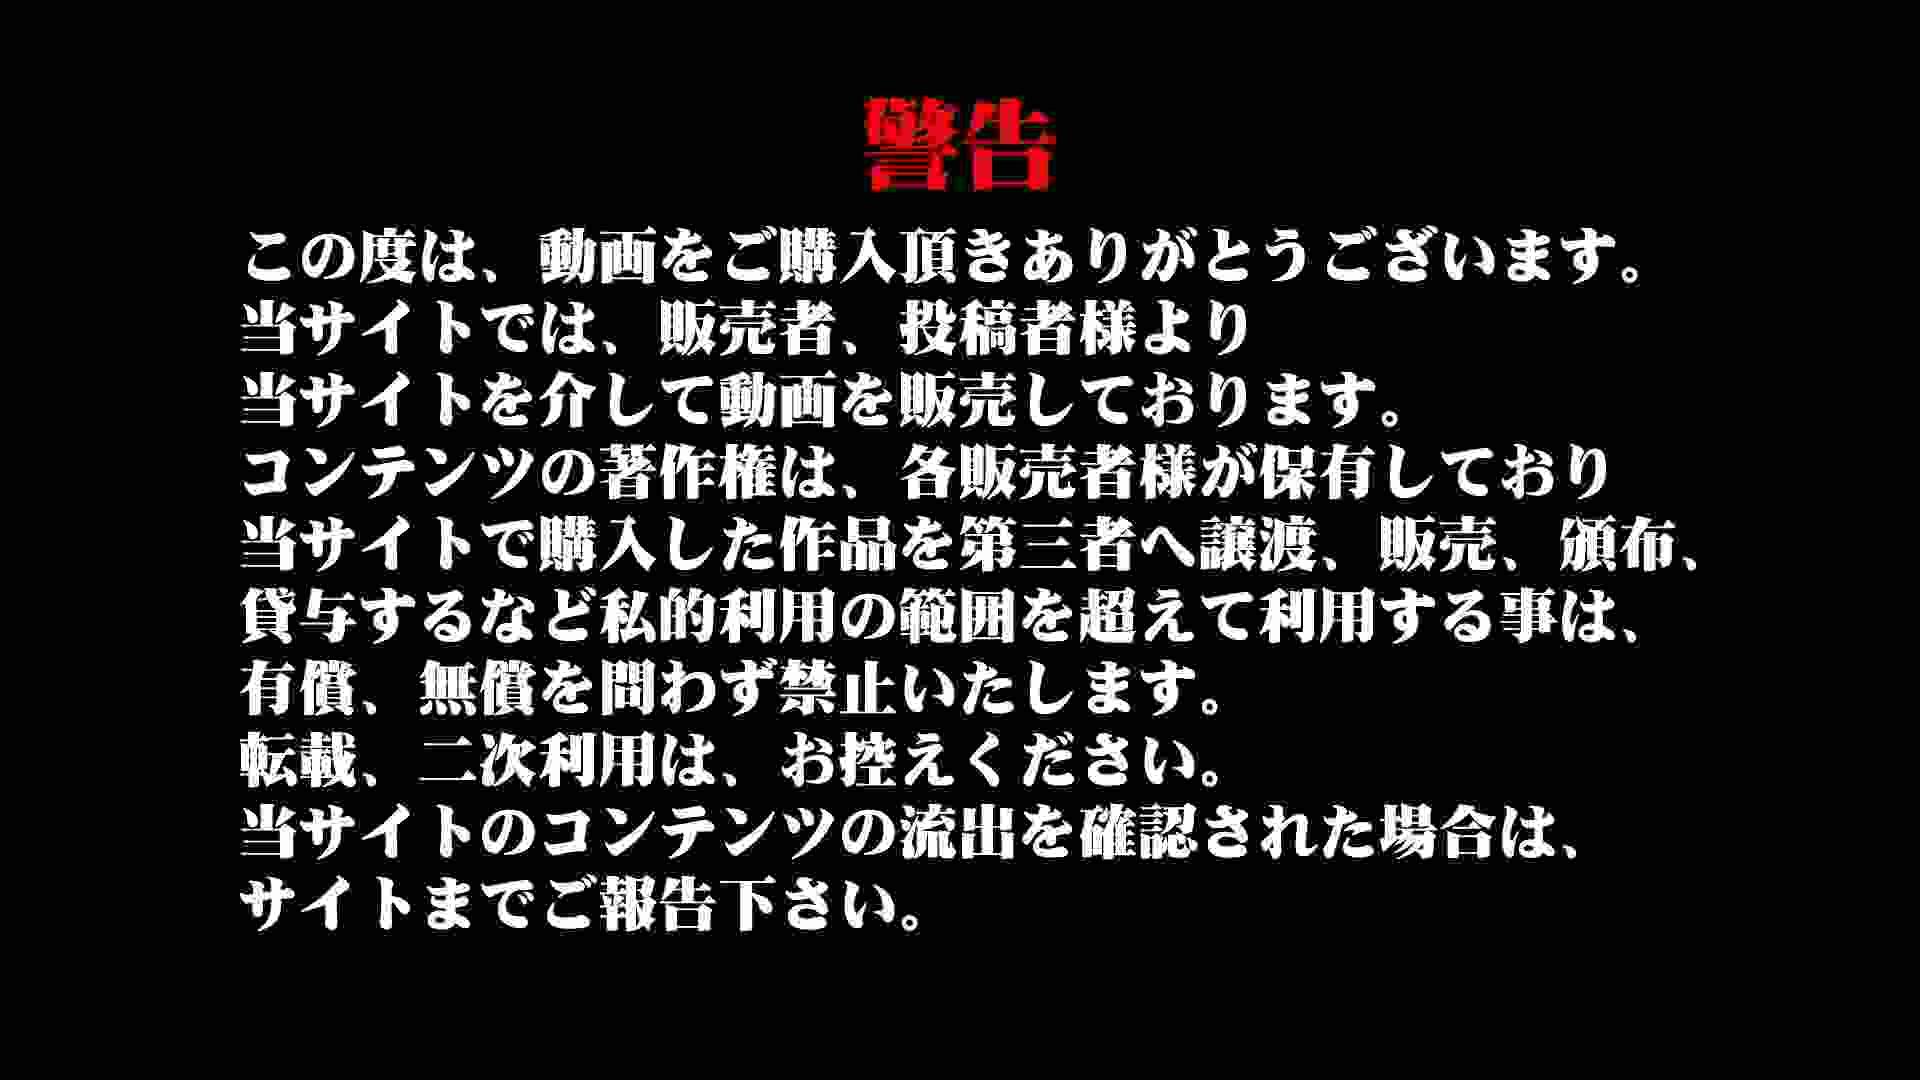 Aquaな露天風呂Vol.947 OLハメ撮り  61Pix 1